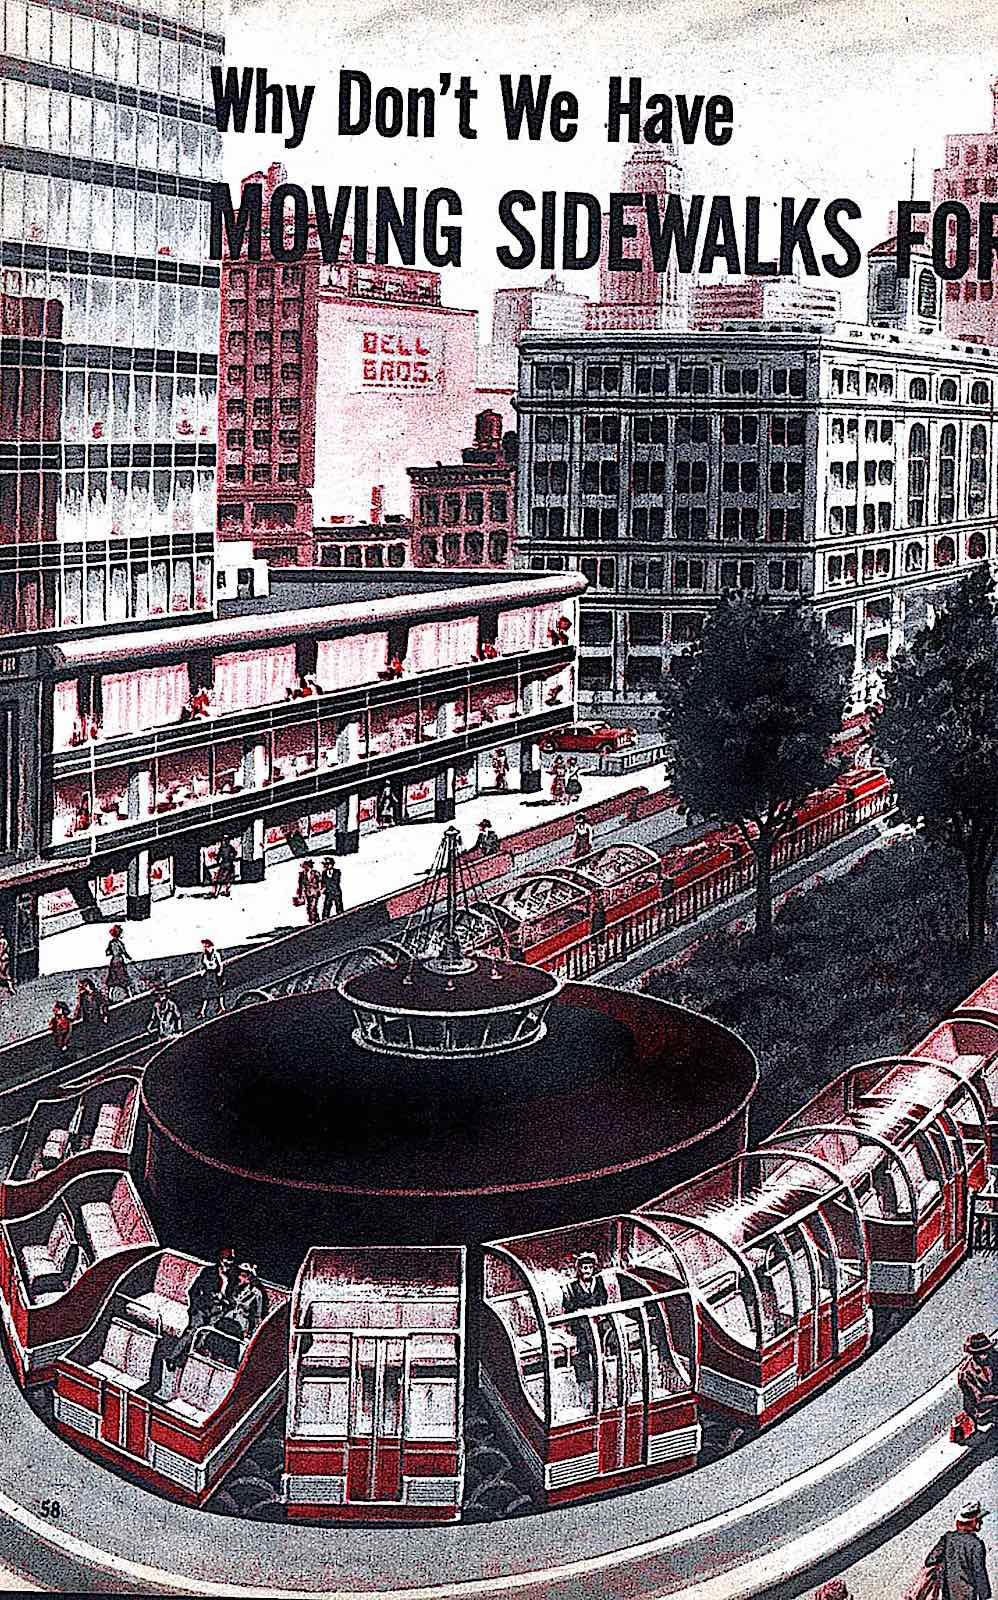 a Frank Tinsley illustration of moving sidewalks